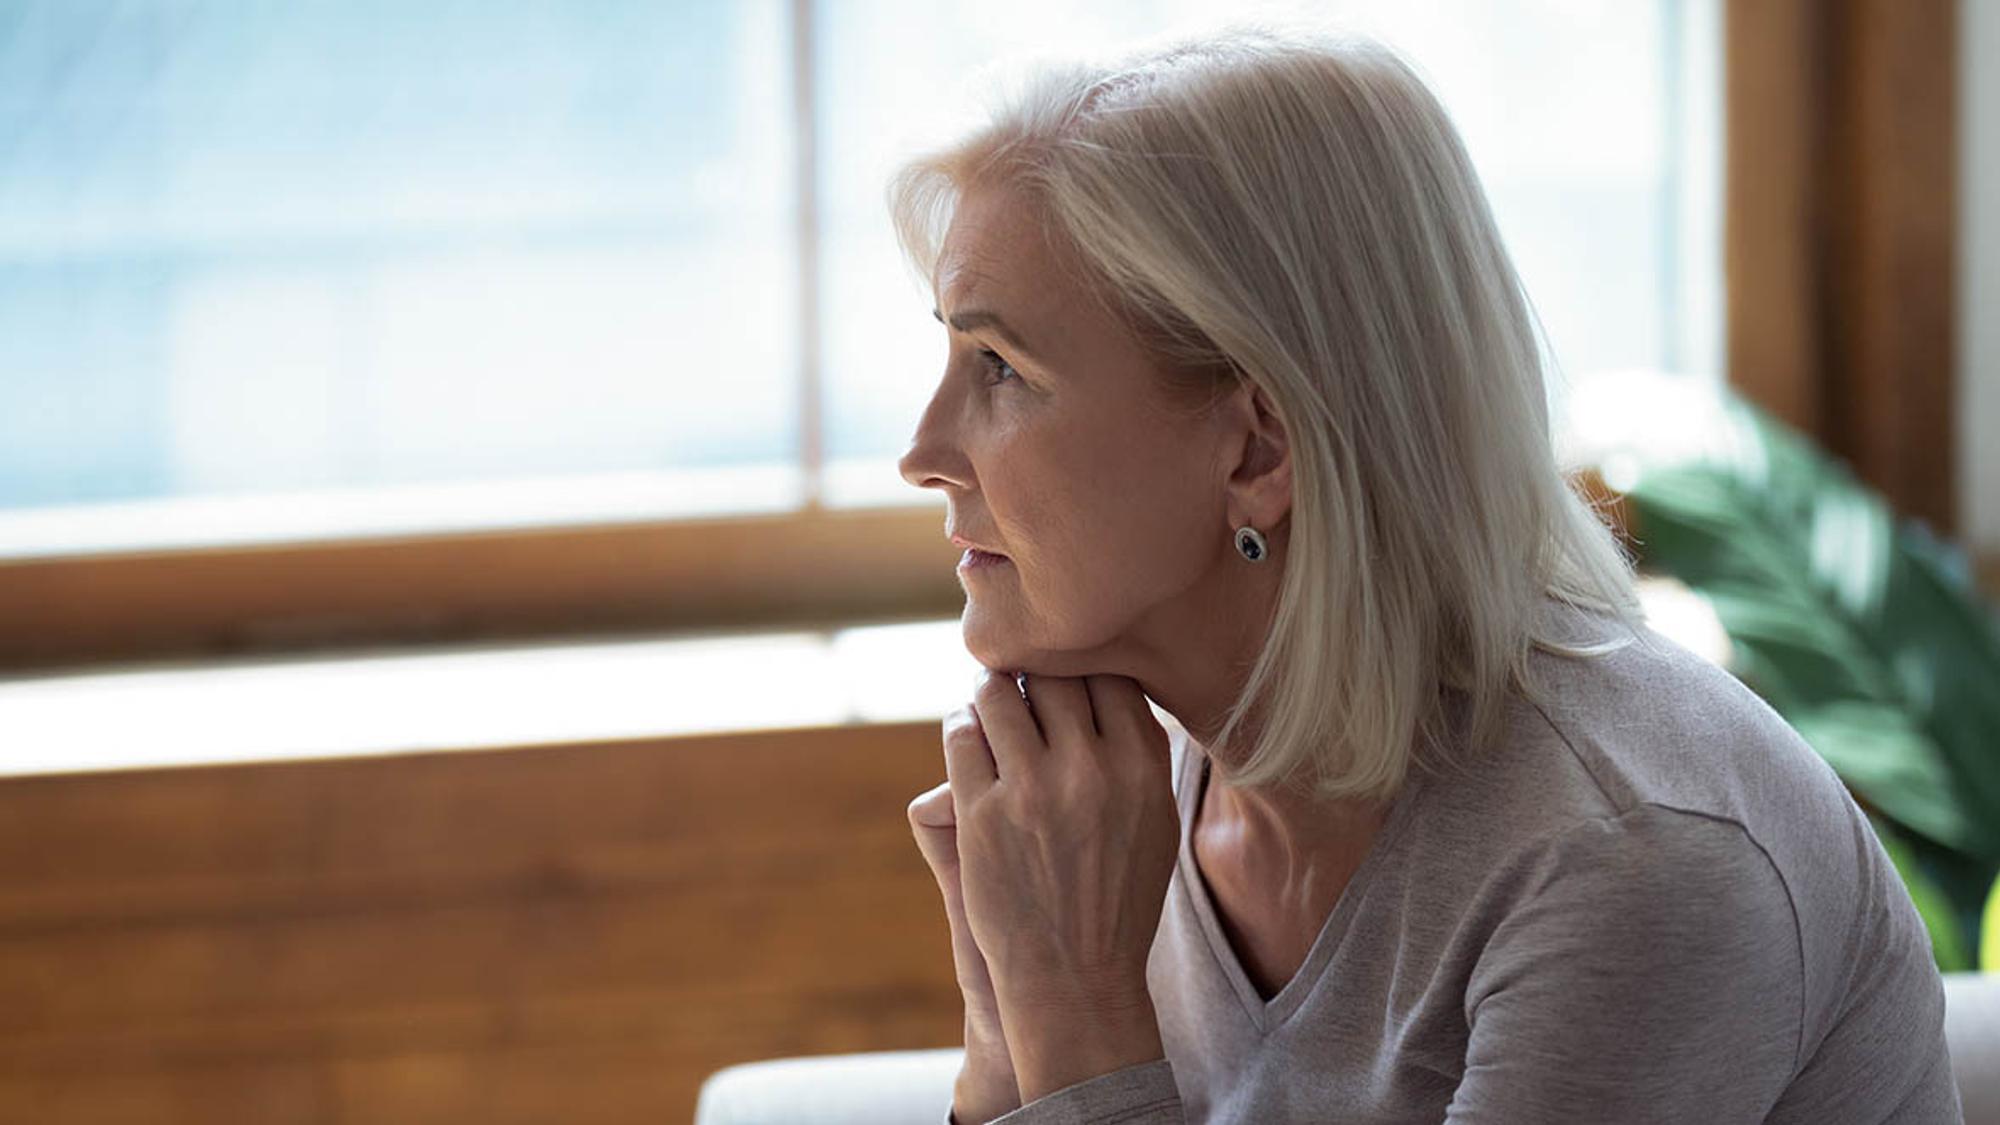 Gedächtnisstörungen in der Menopause: Erste Anzeichen für Alzheimer?